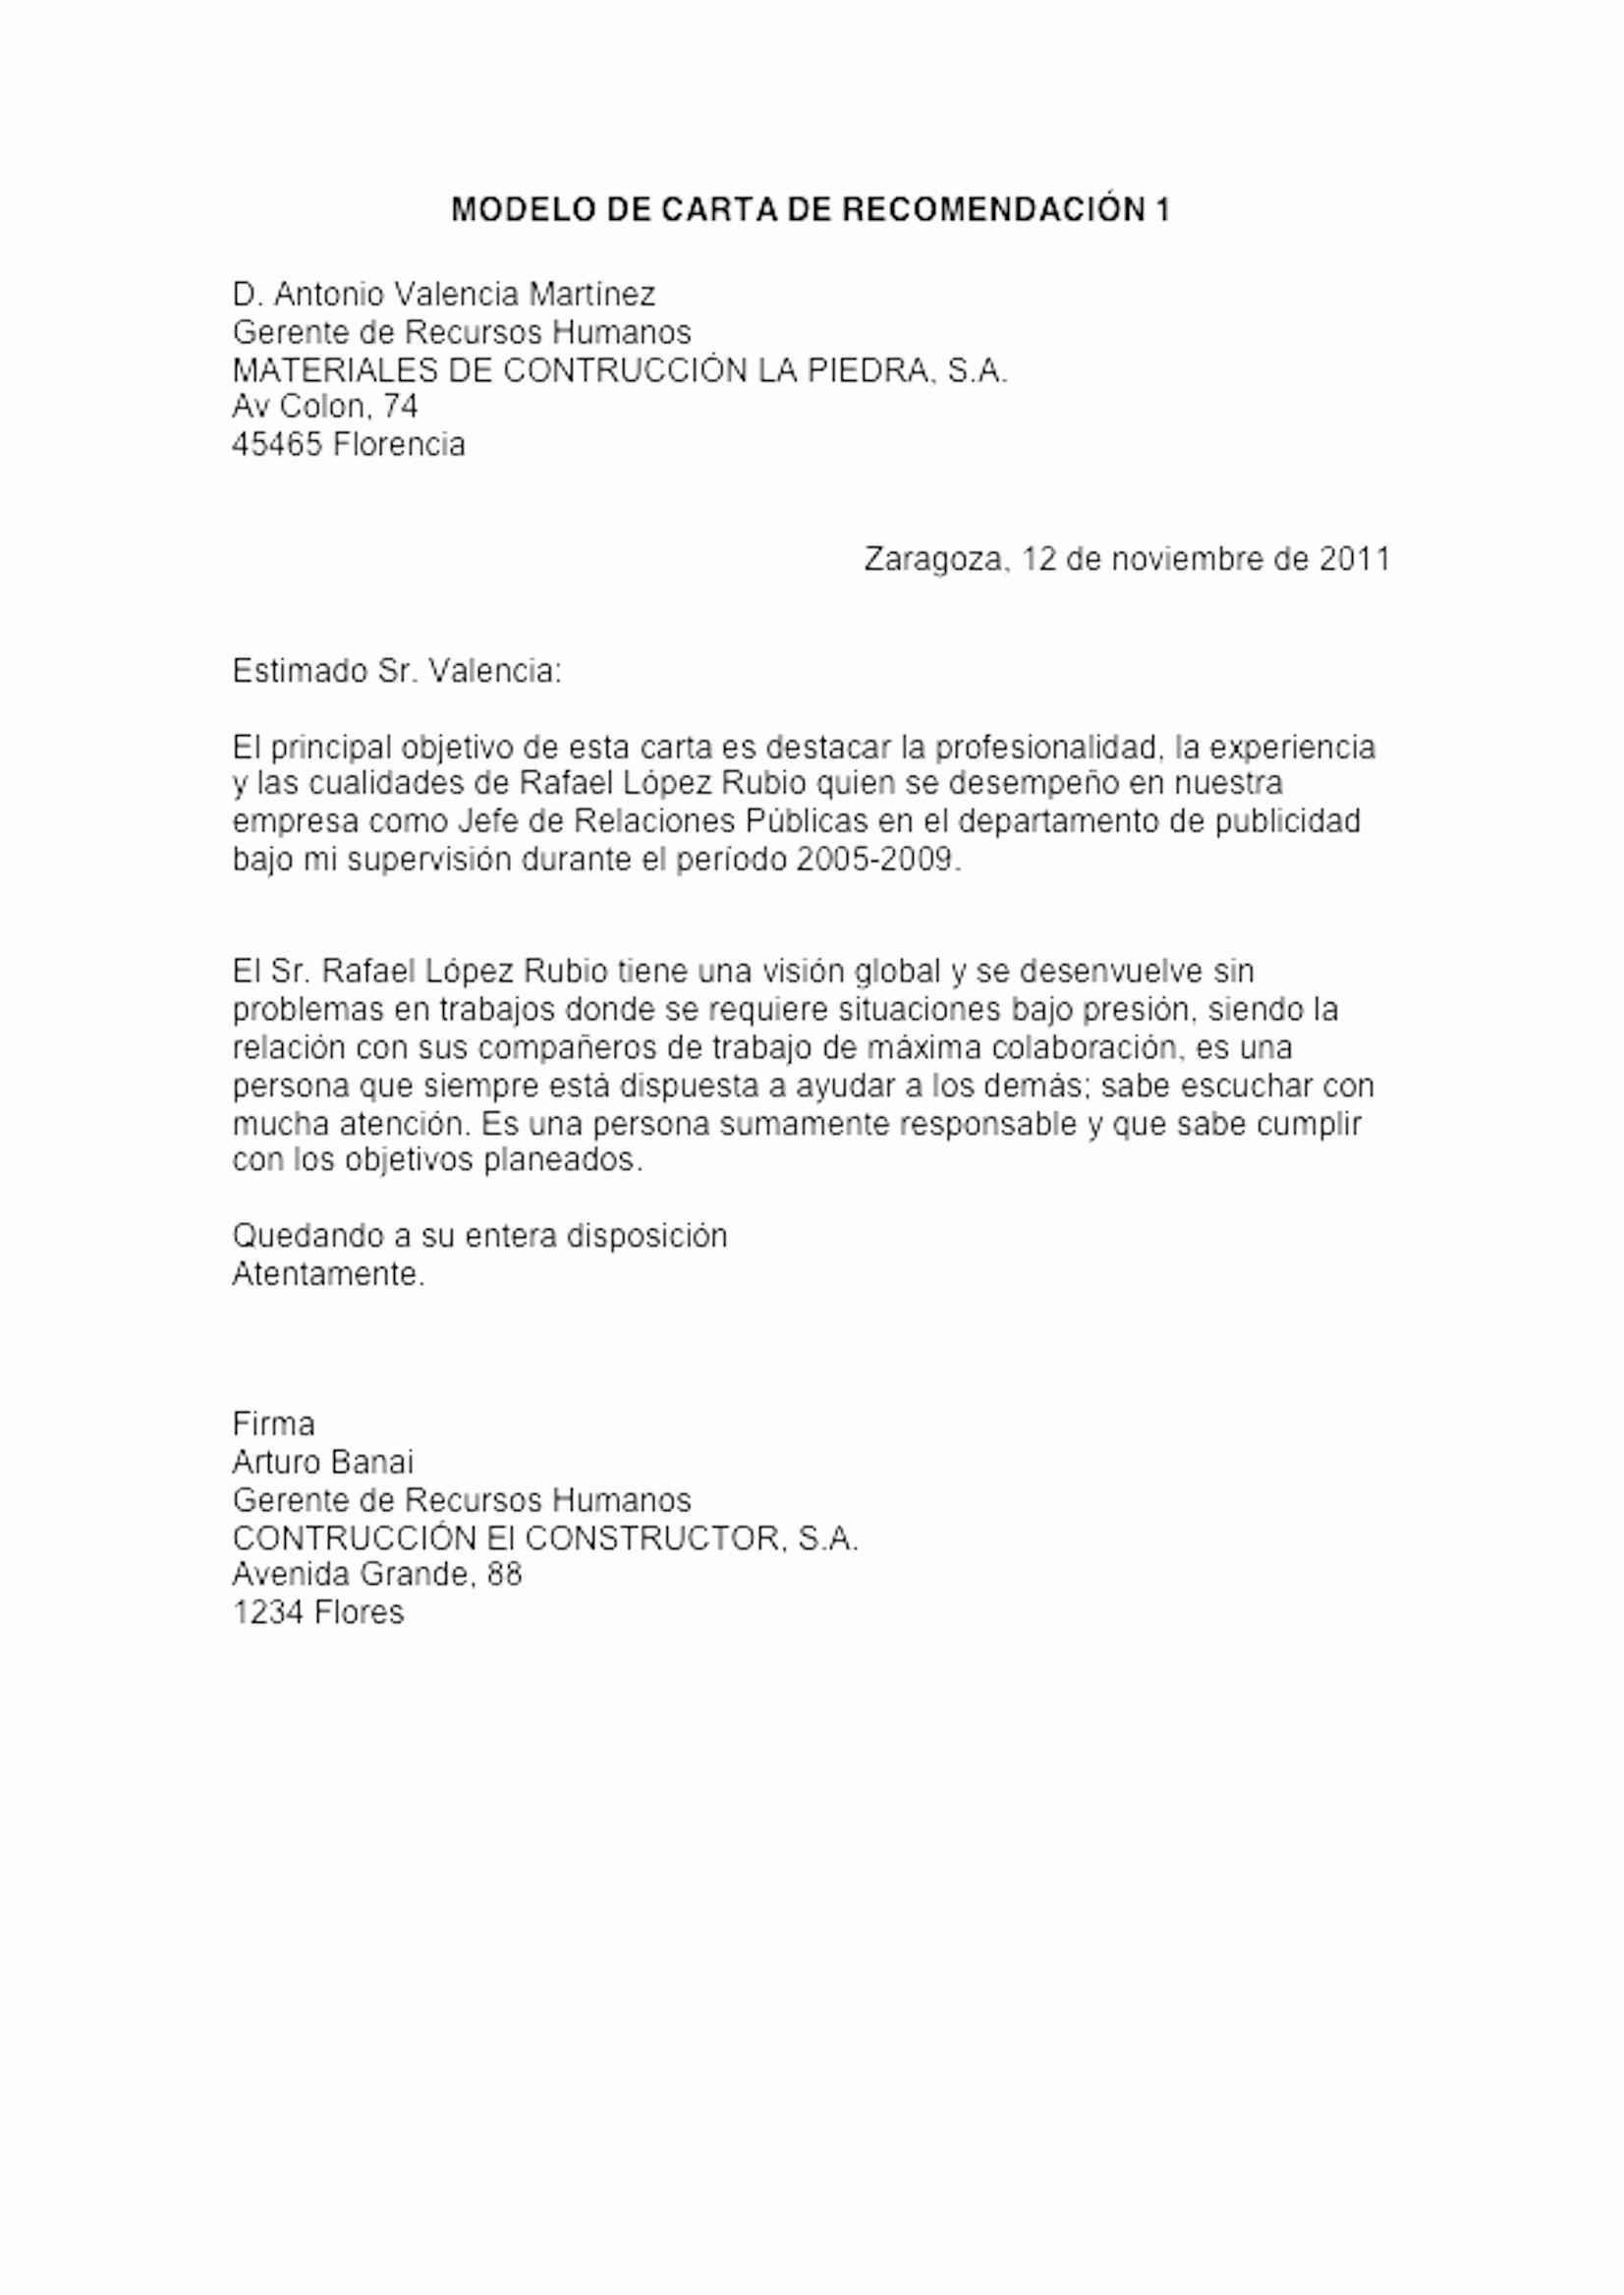 Modelos De Carta De Recomendacion Luxury Ejemplo De Carta De Re Endación formal Ejemplos De